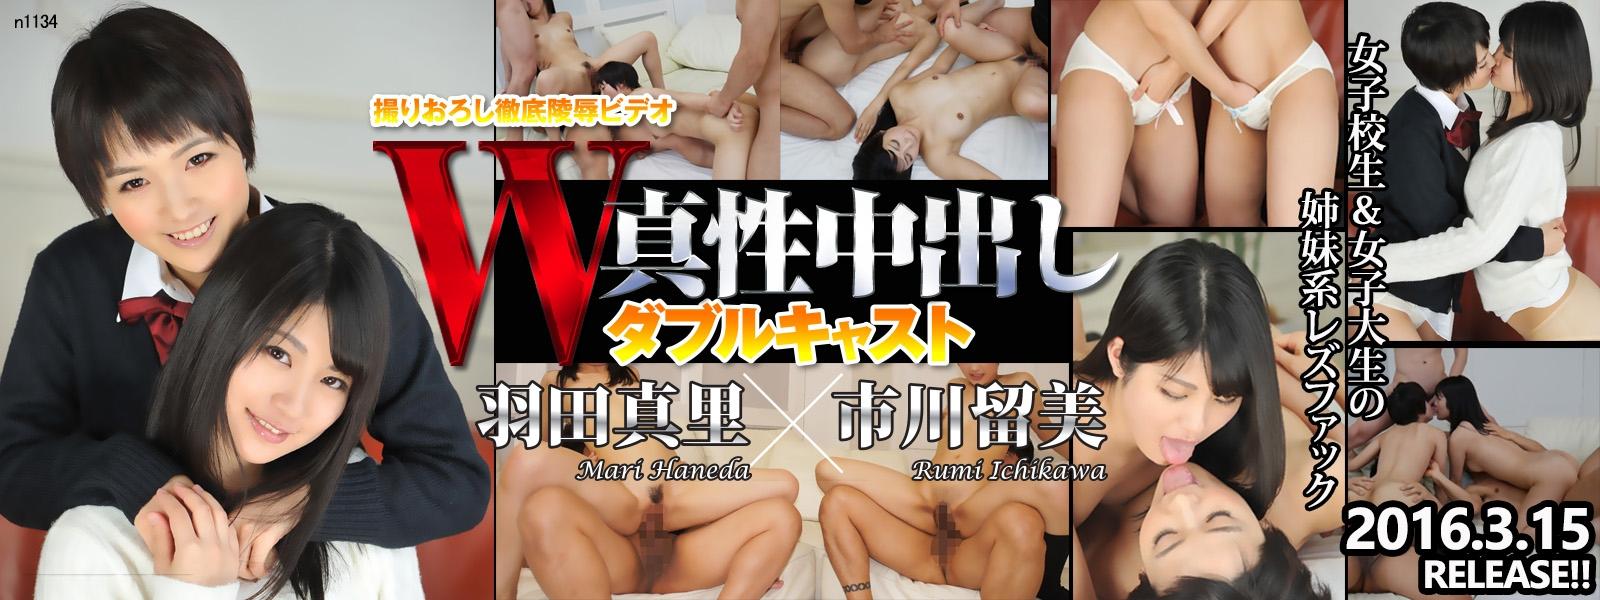 Tokyo Hot 1134东京热W姦市川留美羽田真里vip848